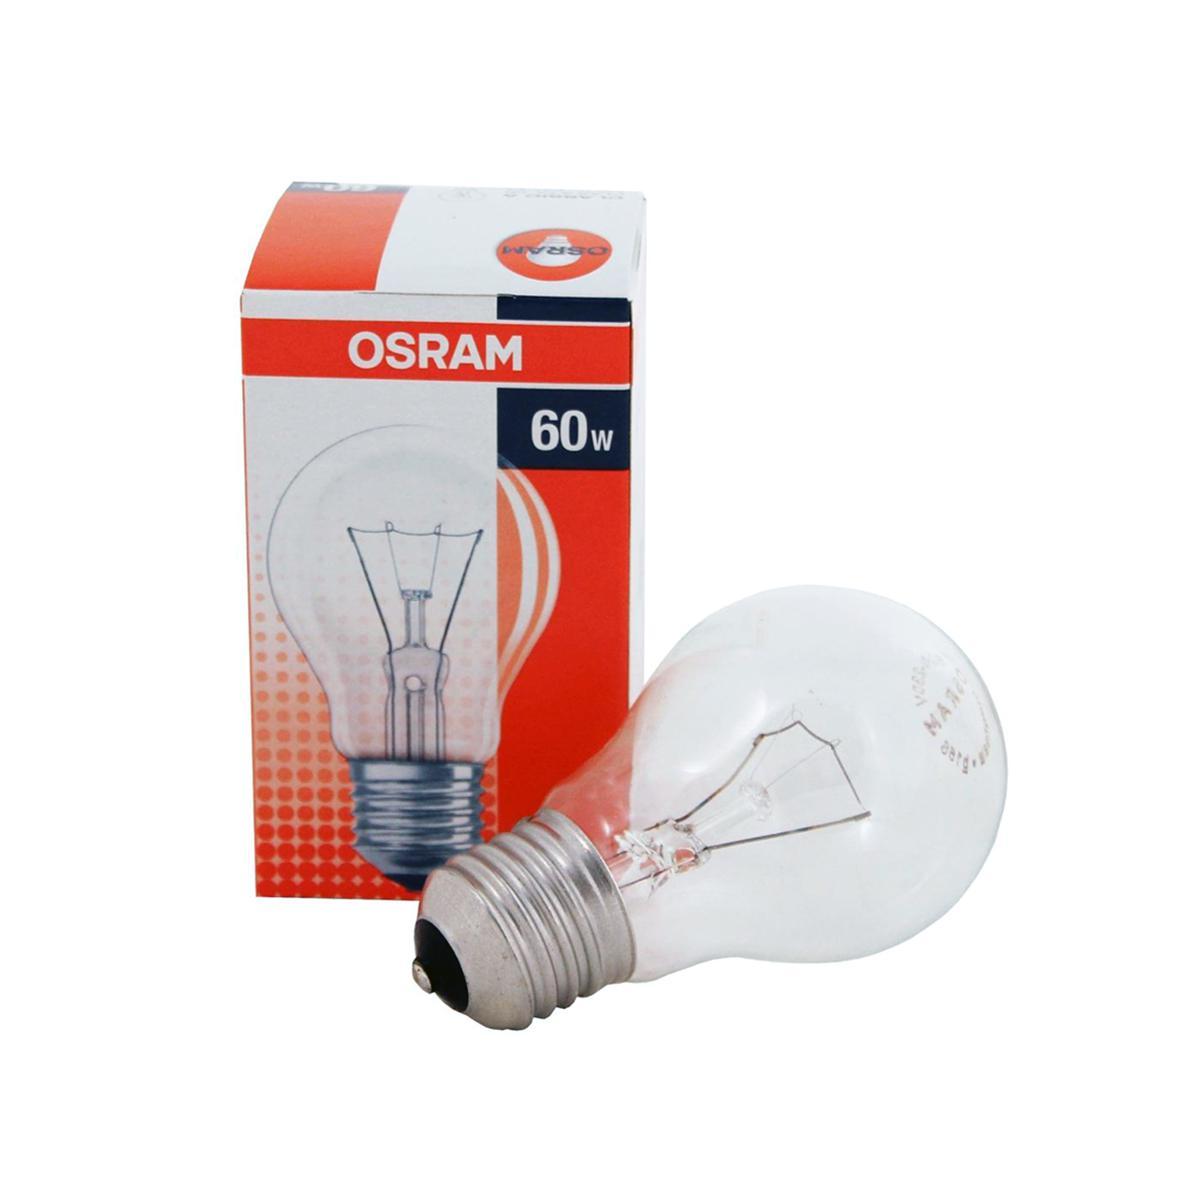 Лампа накаливания Osram Classic a cl 60w e27